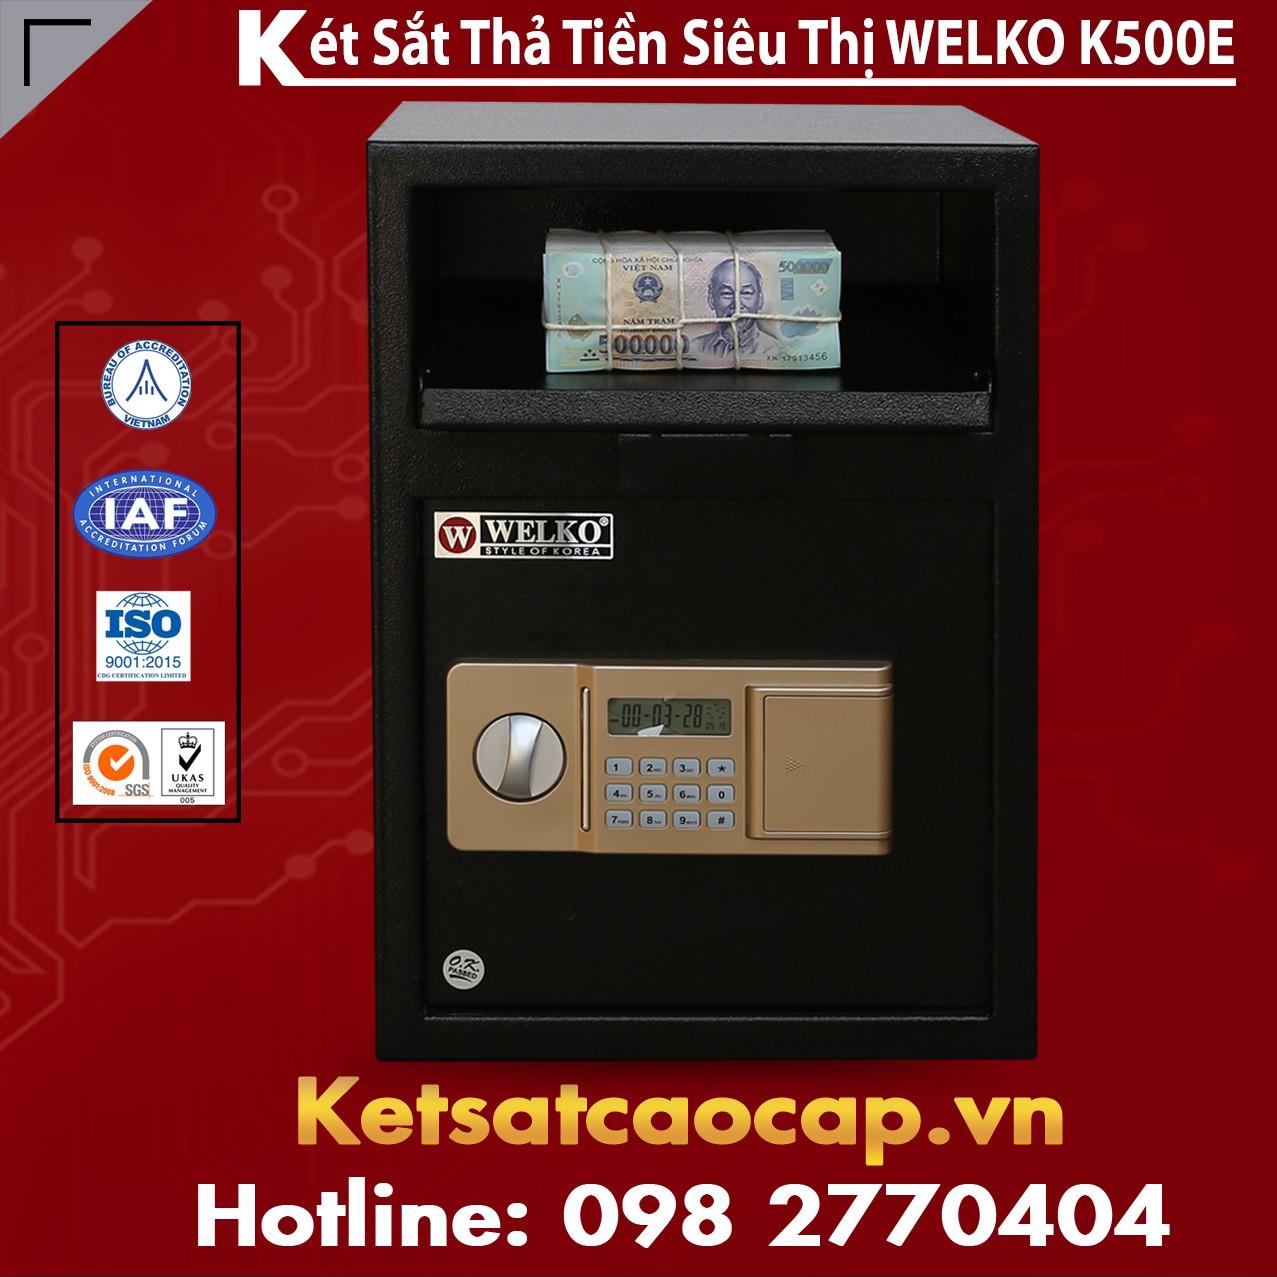 Két Sắt Thả Tiền Siêu Thị WELKO K500E